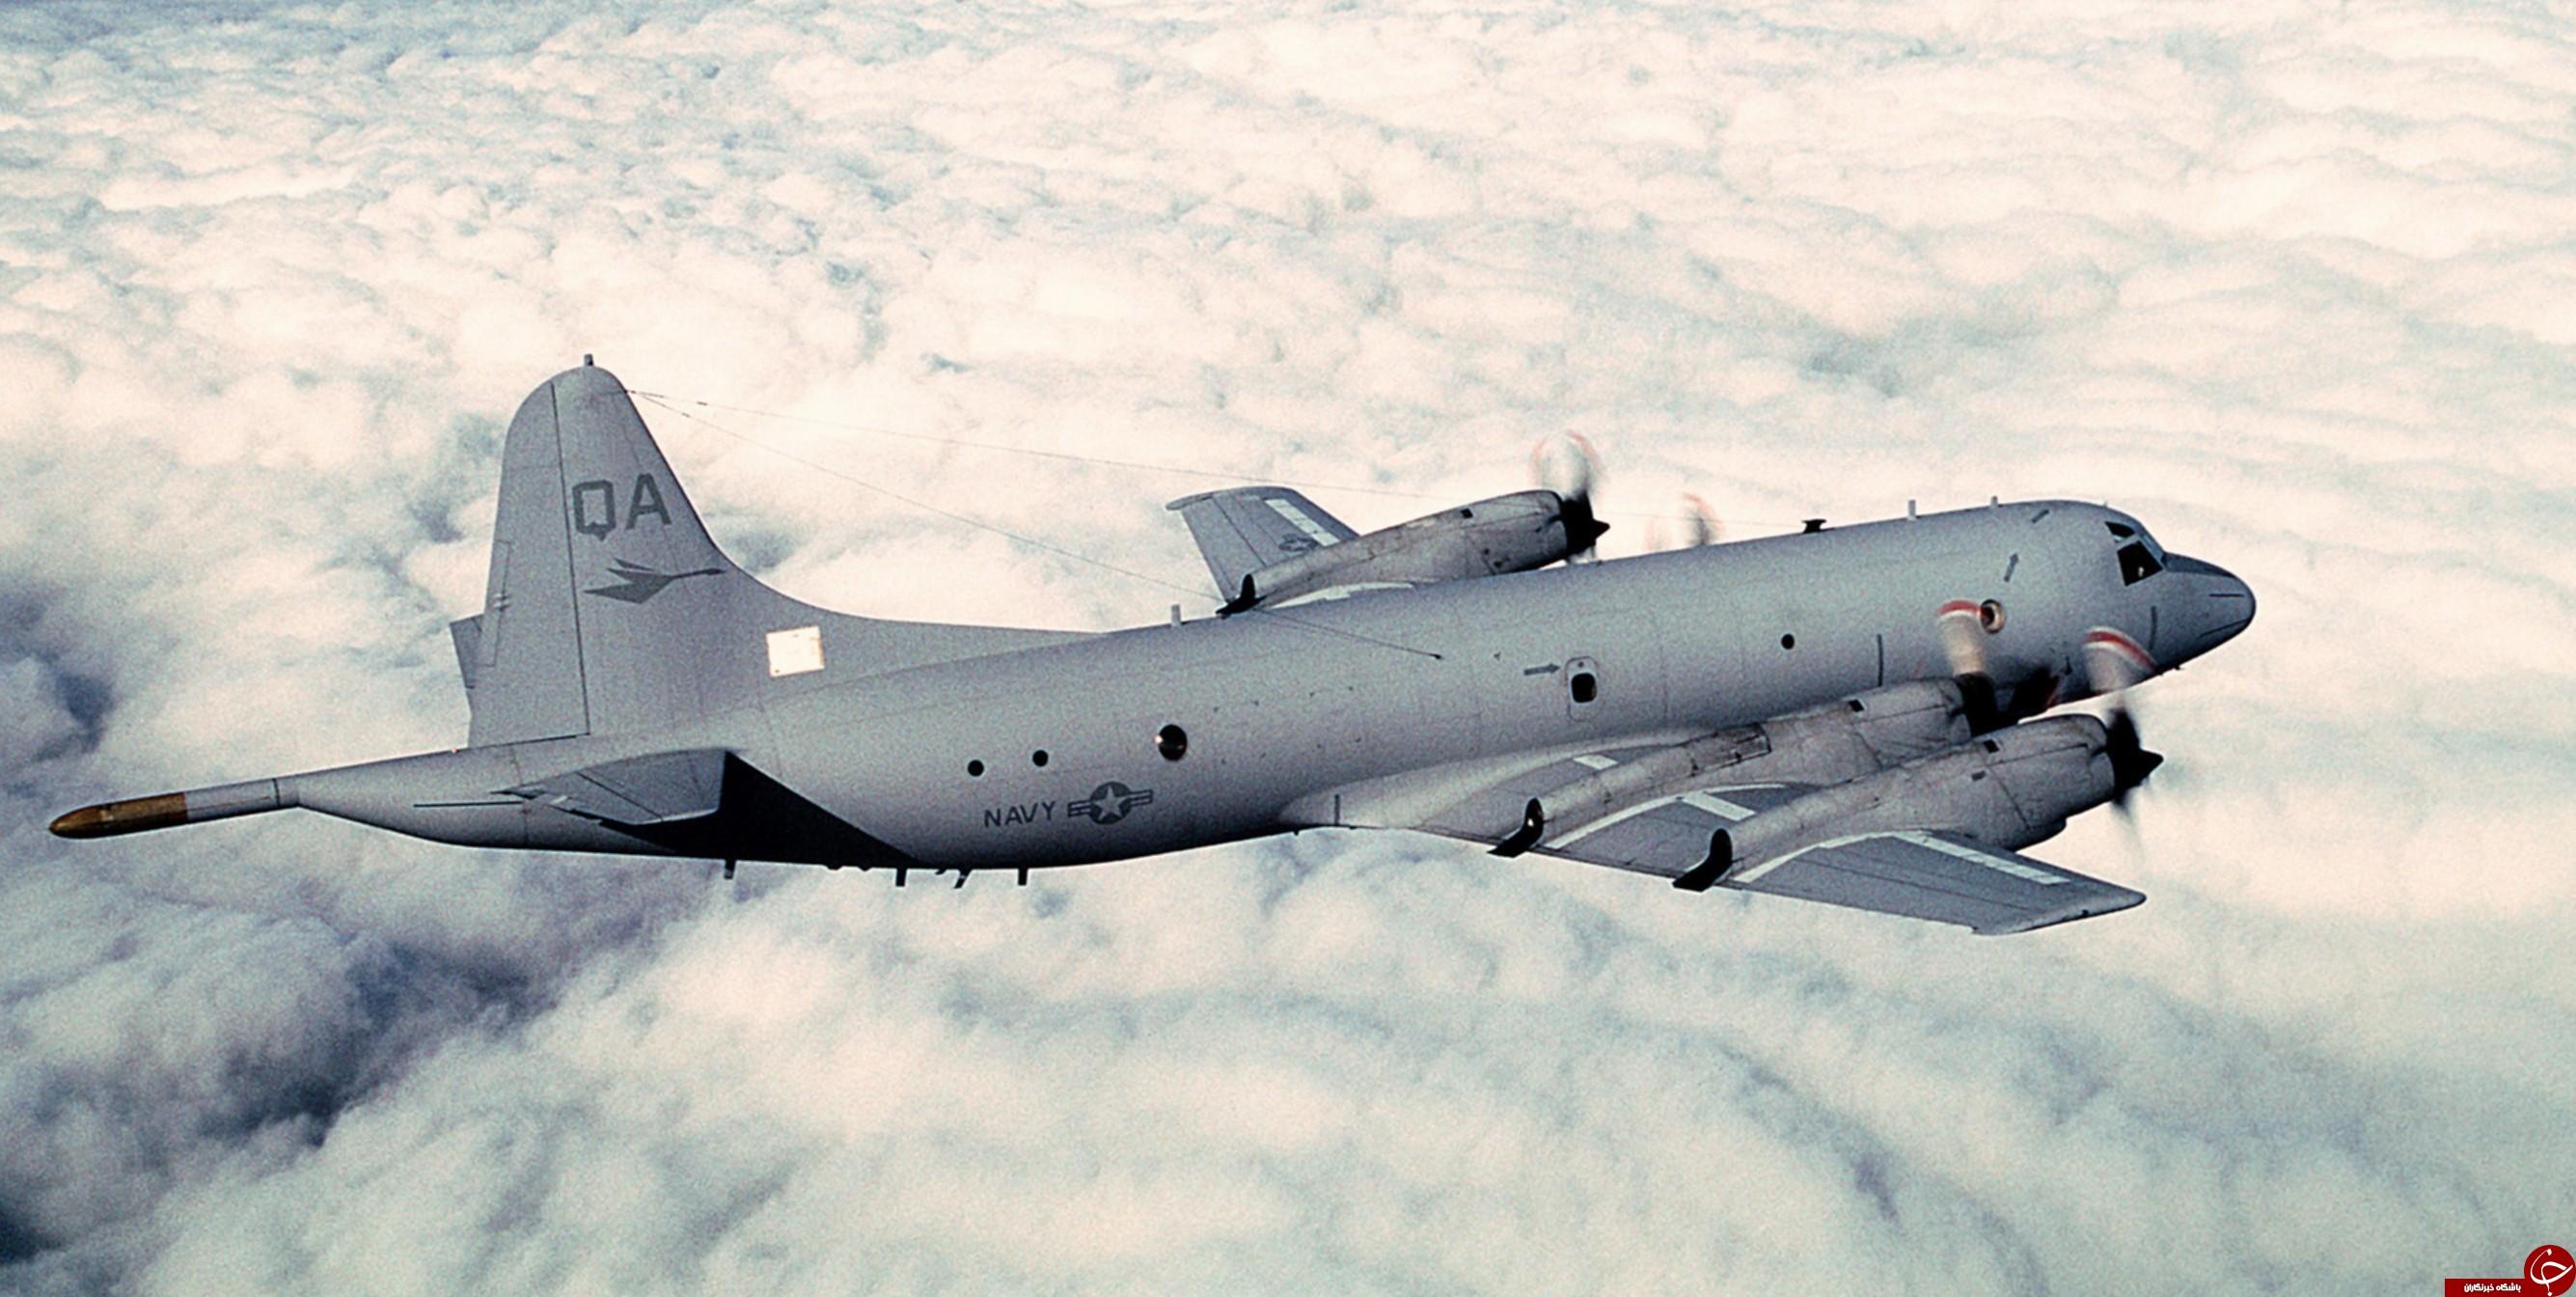 معرفی لاکهید پی-۳ اورایـِن؛ هواپیمای گشتی دریایی